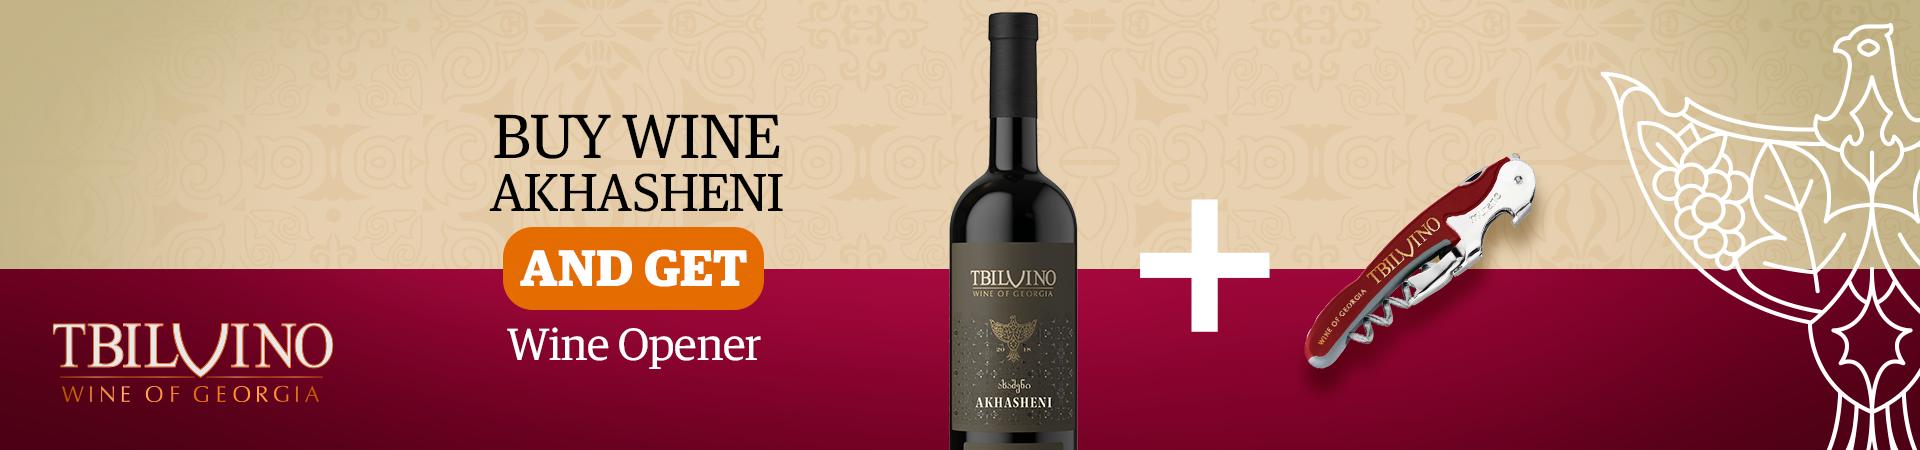 Tbilvino-Axasheni-+-Wine-opener-1920X450-Eng